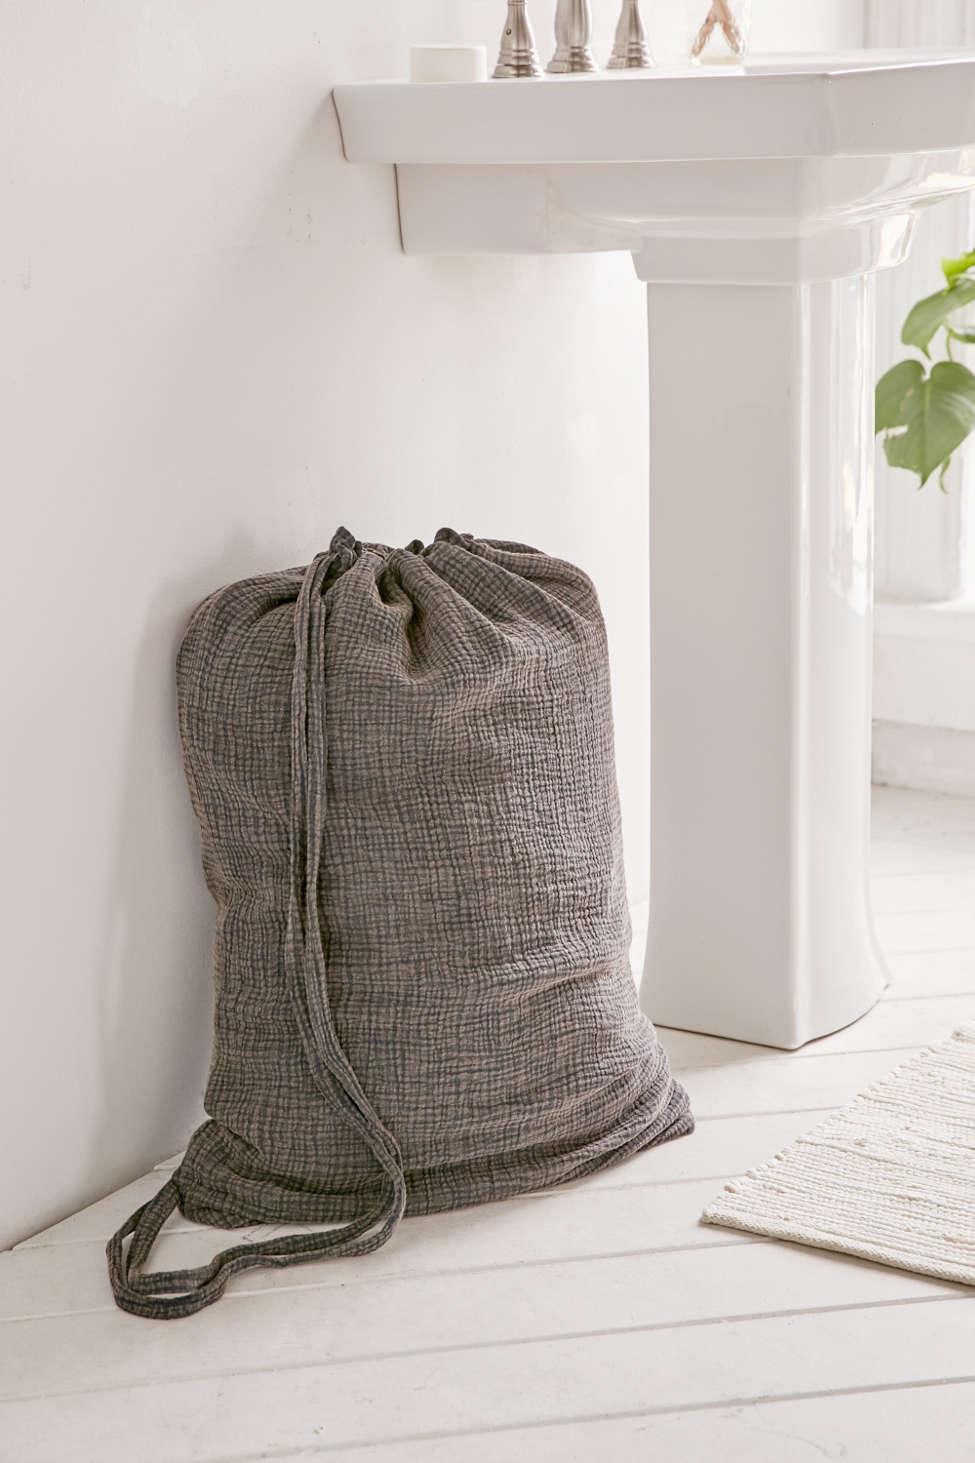 Slide View: 1: Crinkle Gauze Laundry Bag